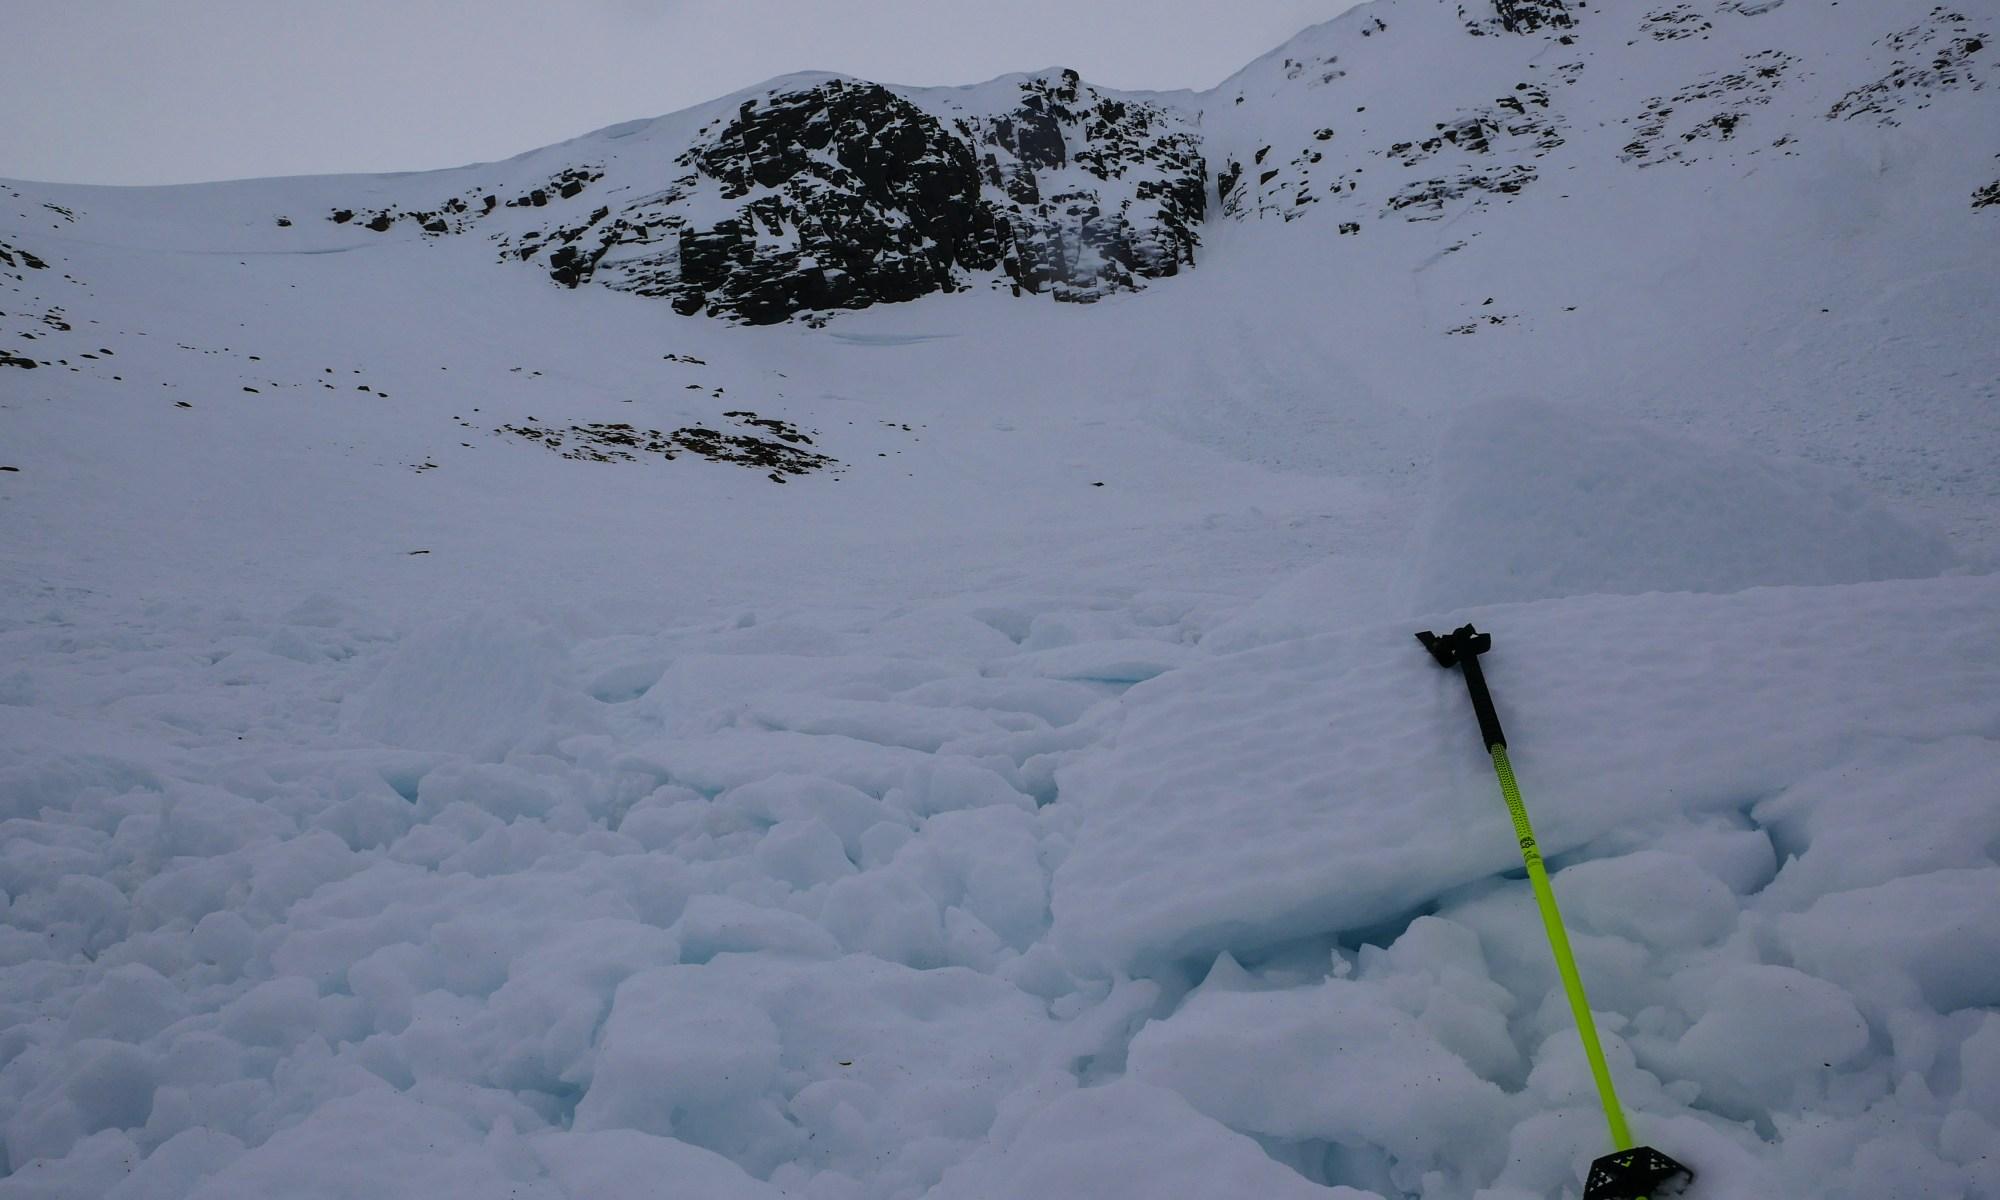 Avalanche in Coire an t-Sneachda